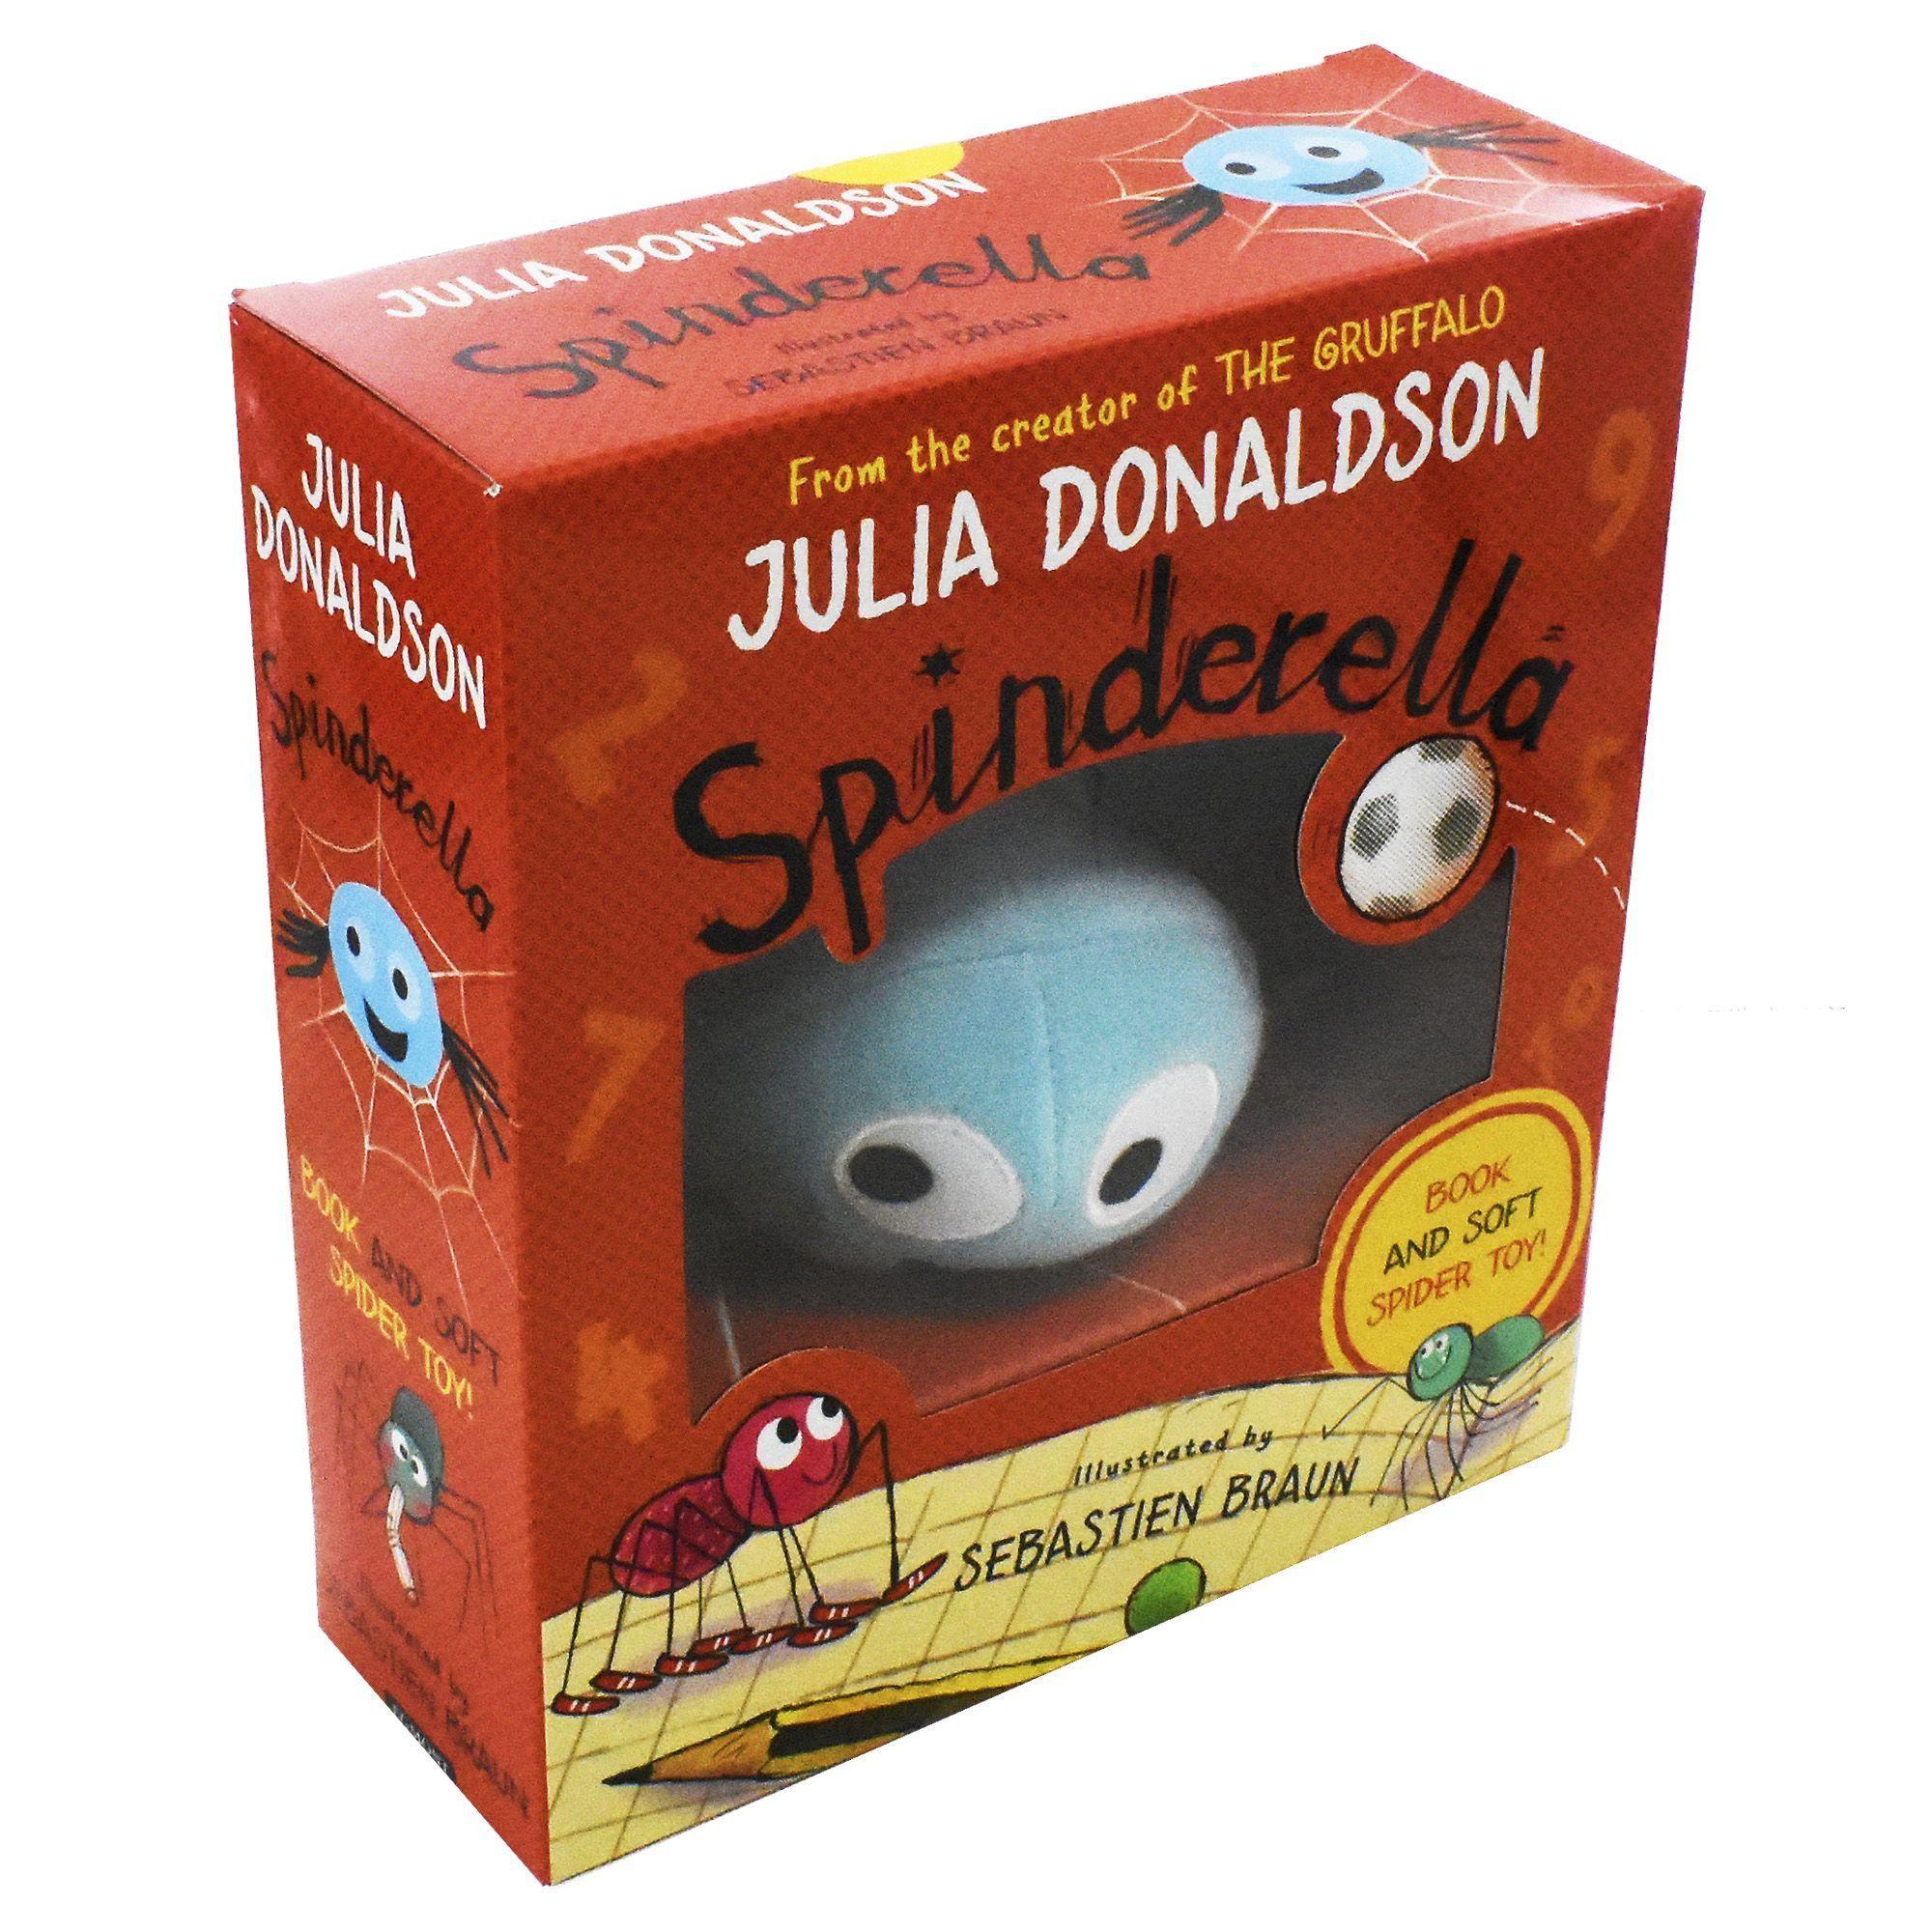 Spinderella Book & Plush Set £5.99 Delivered at Books2Door